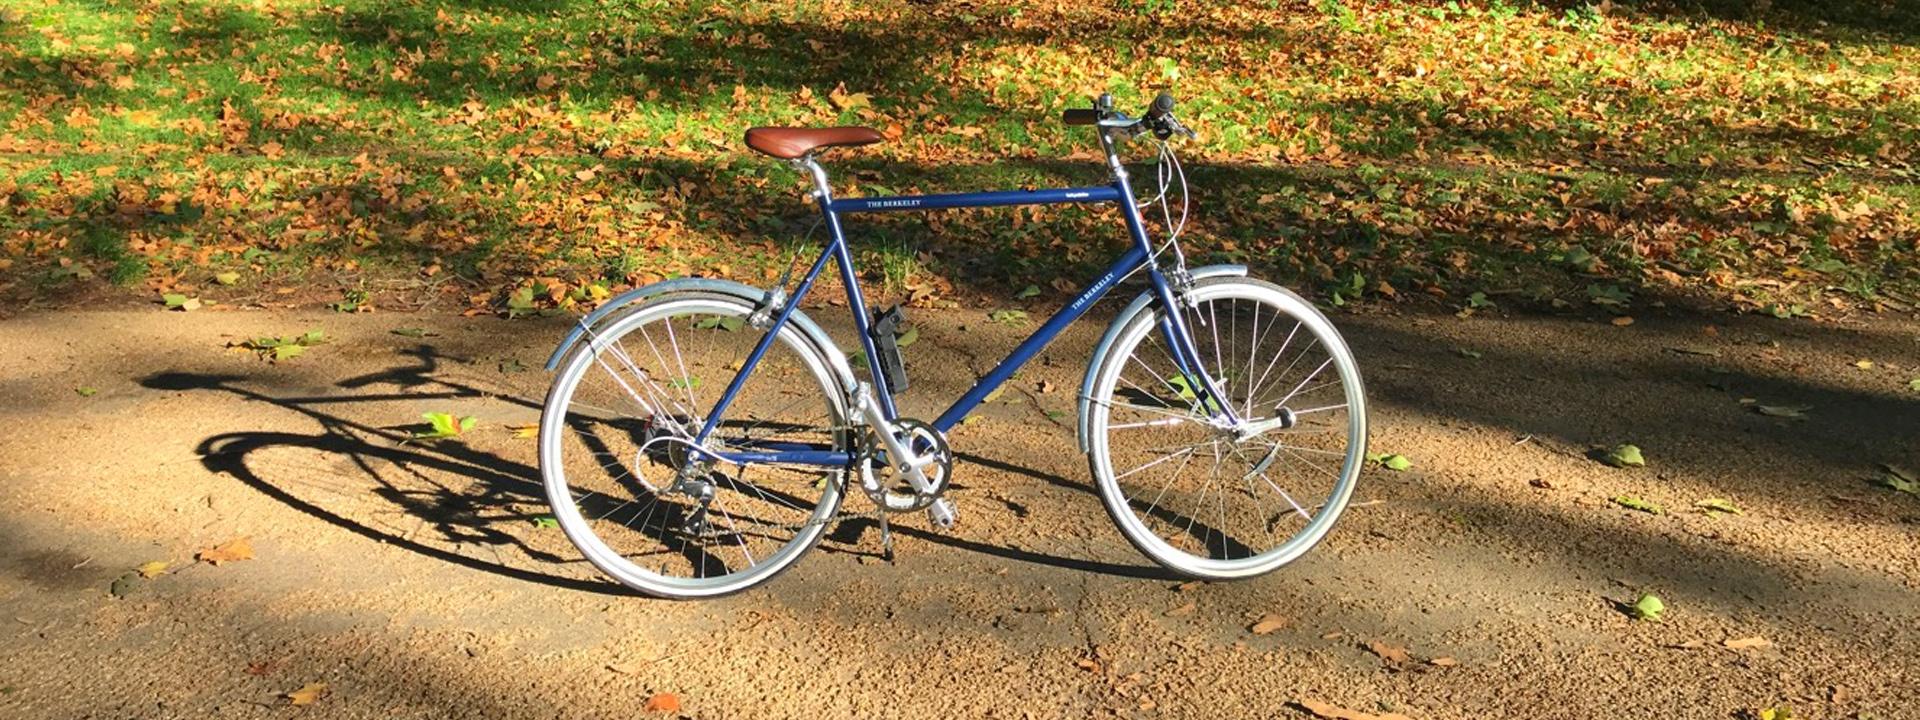 Bike hero 3